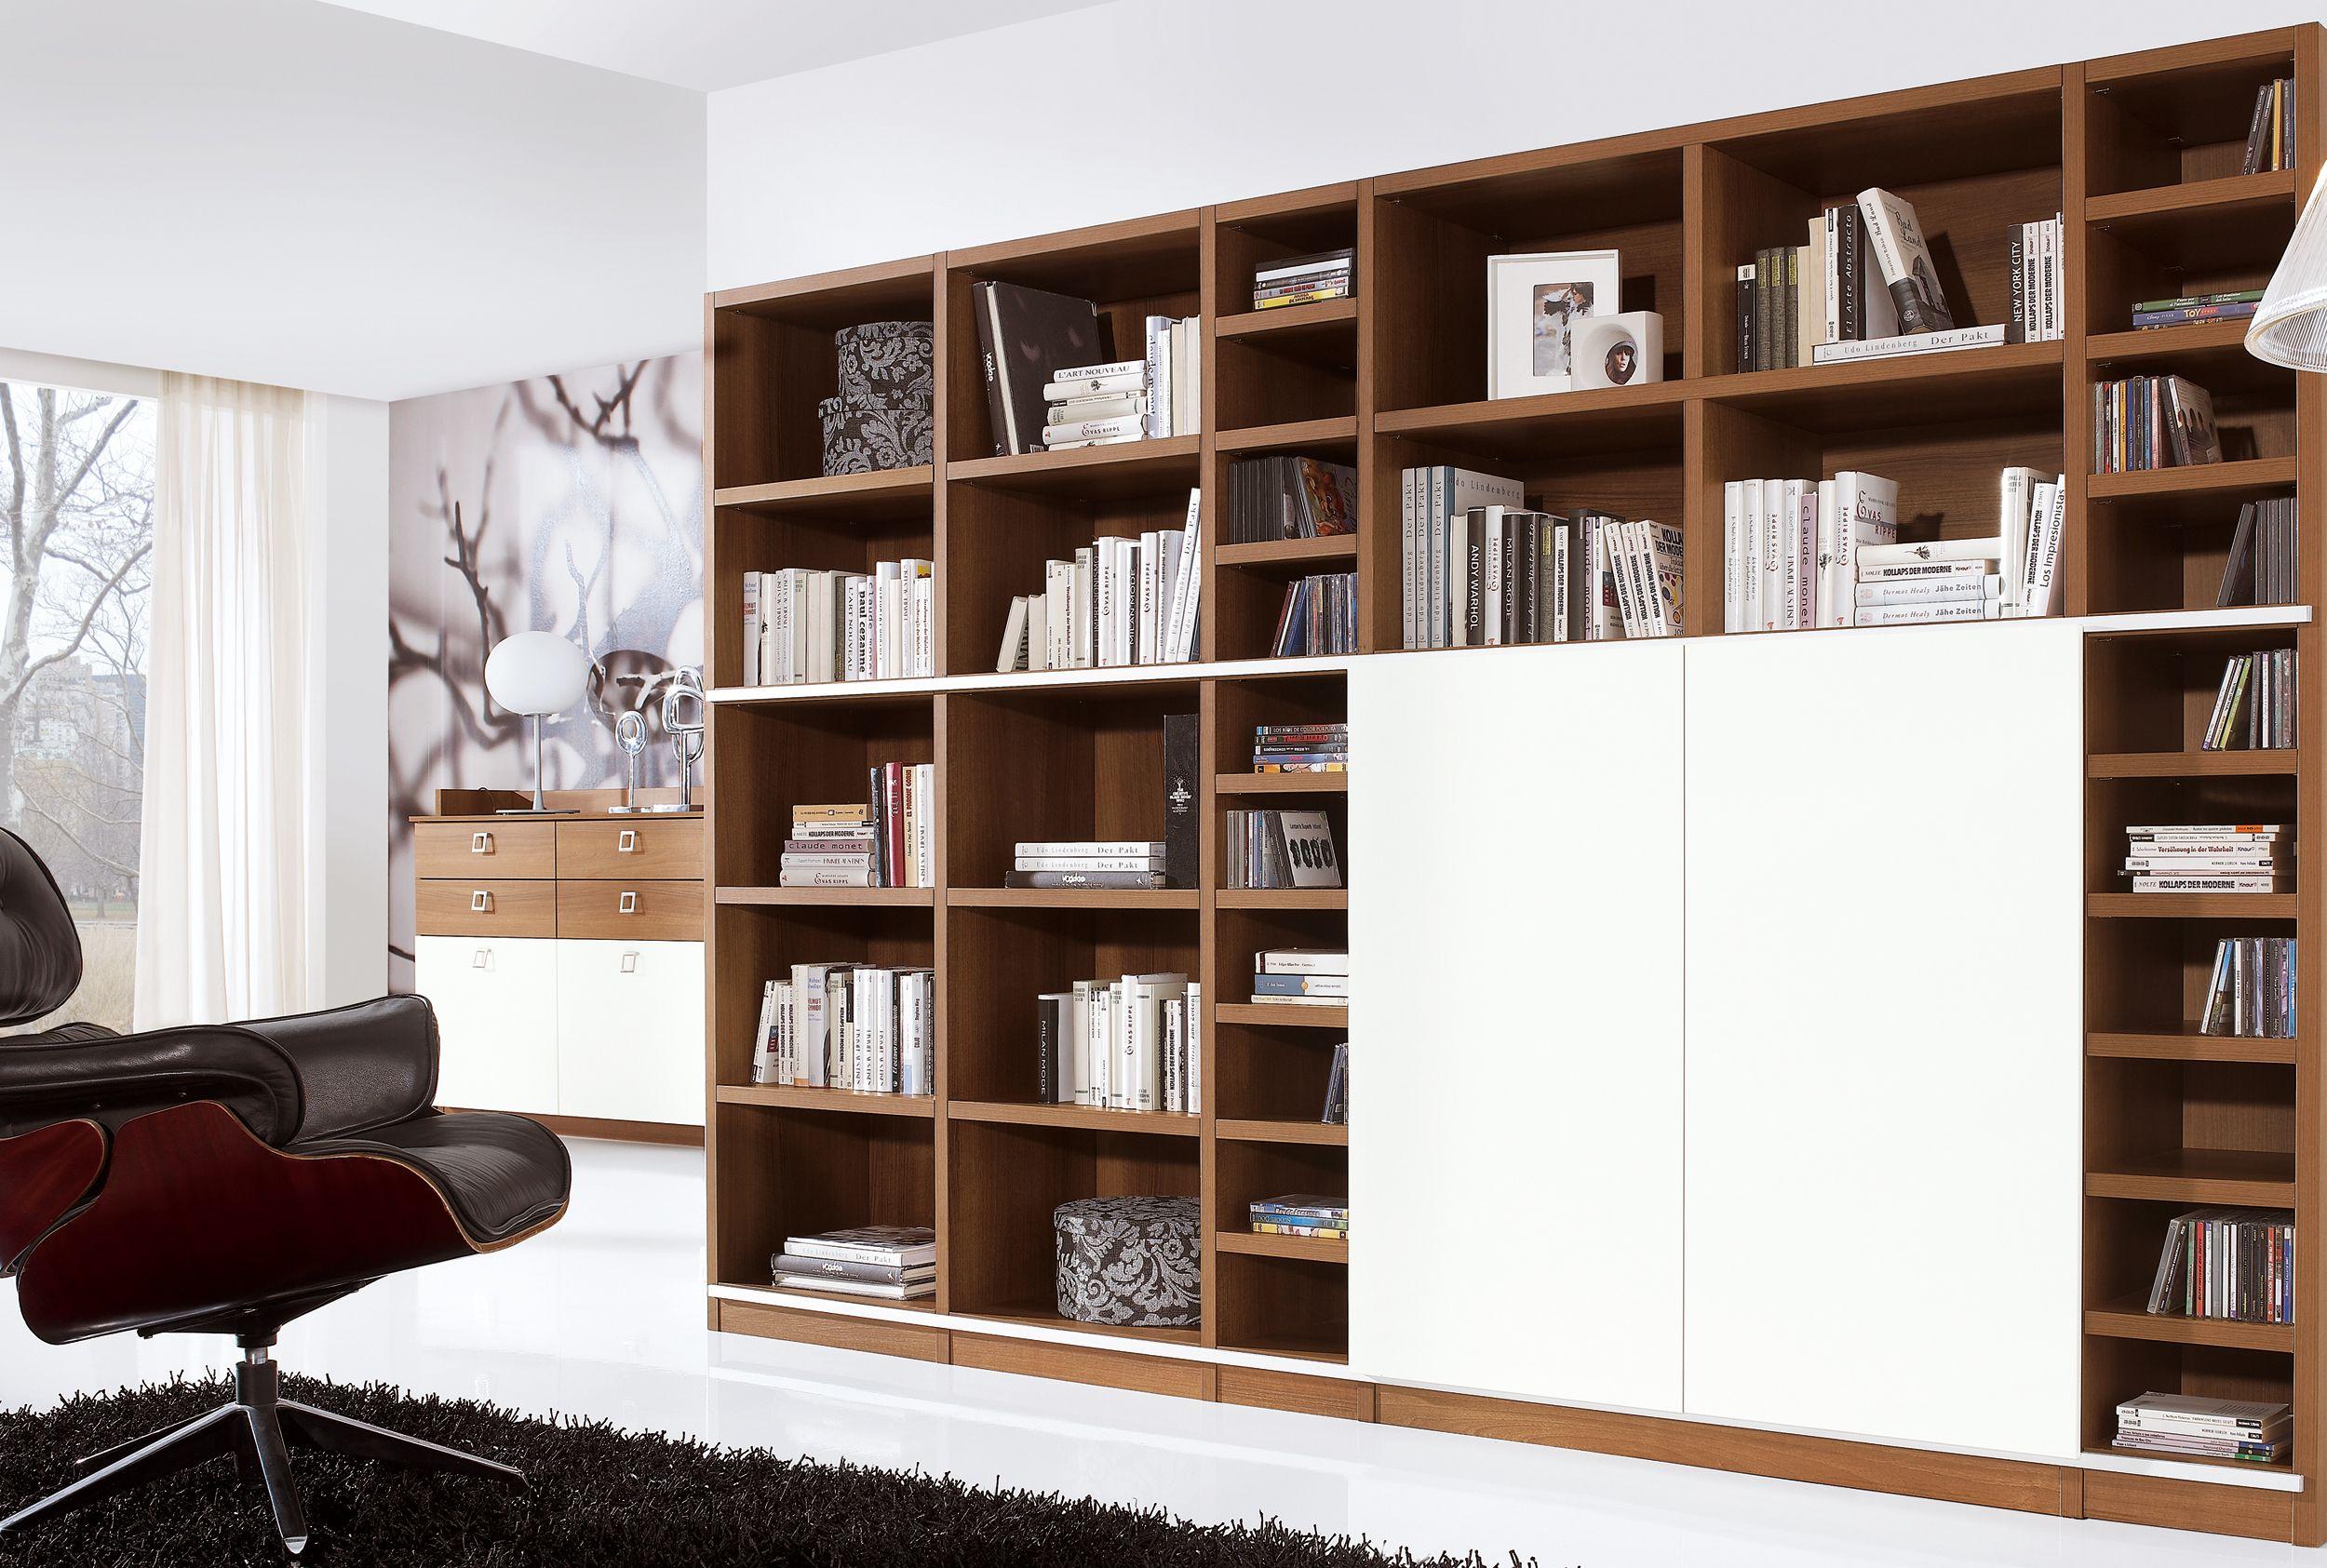 klach 035 1 living room furniture jpg 2